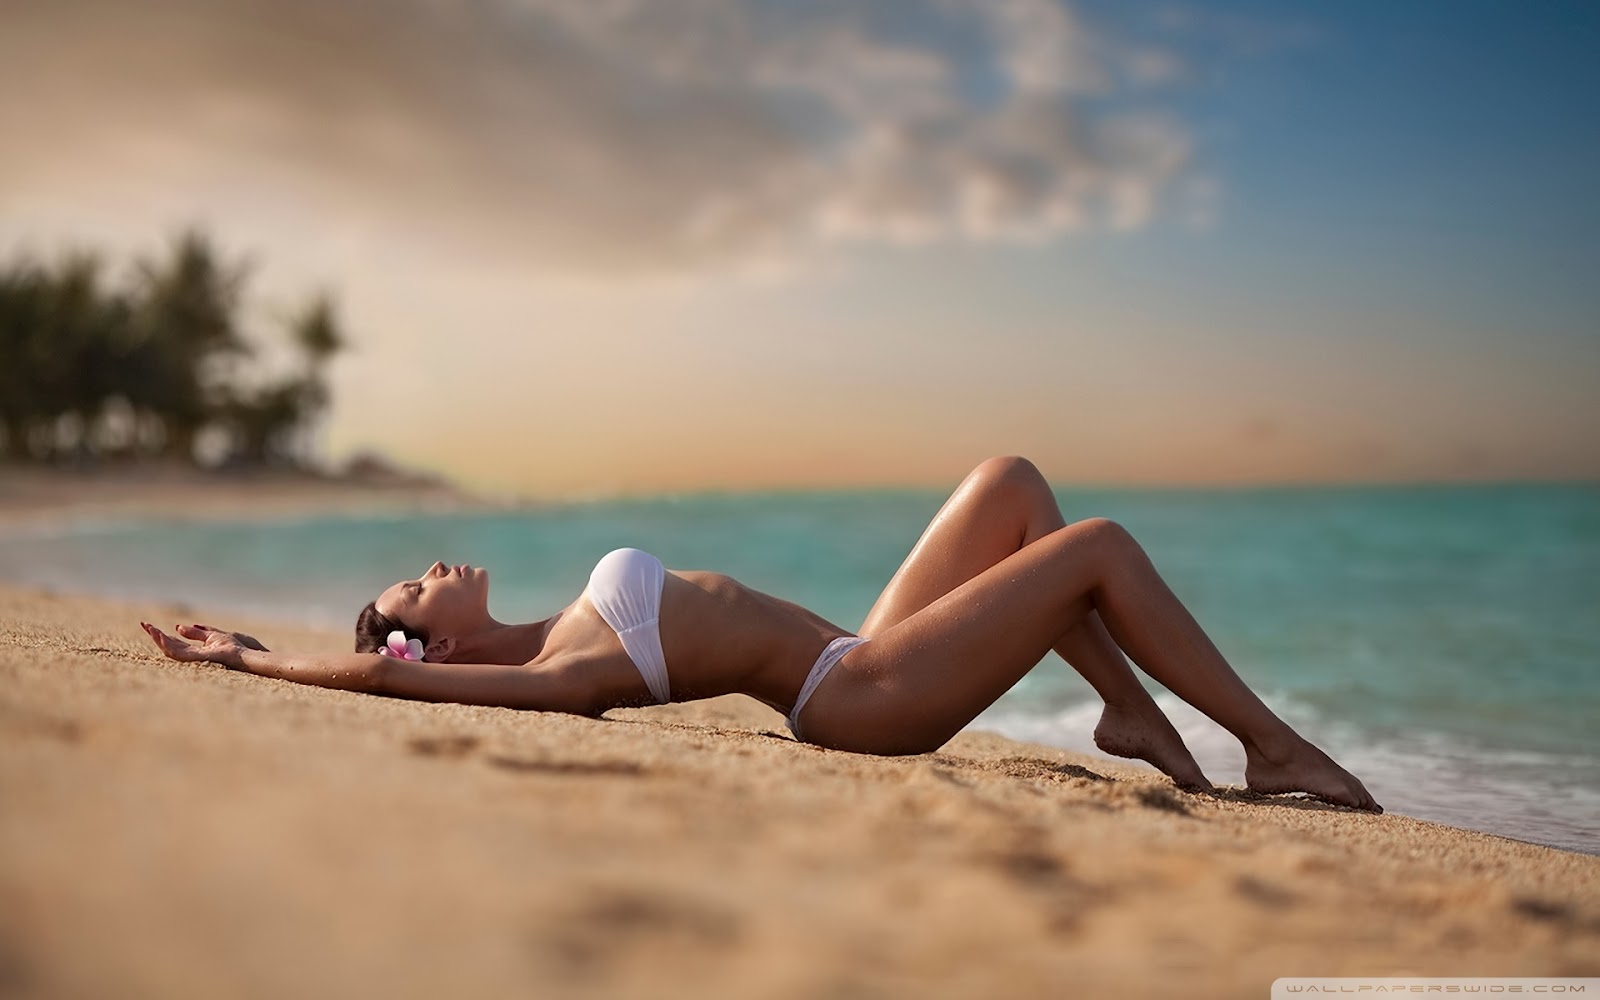 http://3.bp.blogspot.com/-fJqQ25RcXlY/T6wtulx32WI/AAAAAAAAAWw/1juXPK13Qi8/s1600/sunbathe-wallpaper-1920x1200.jpg